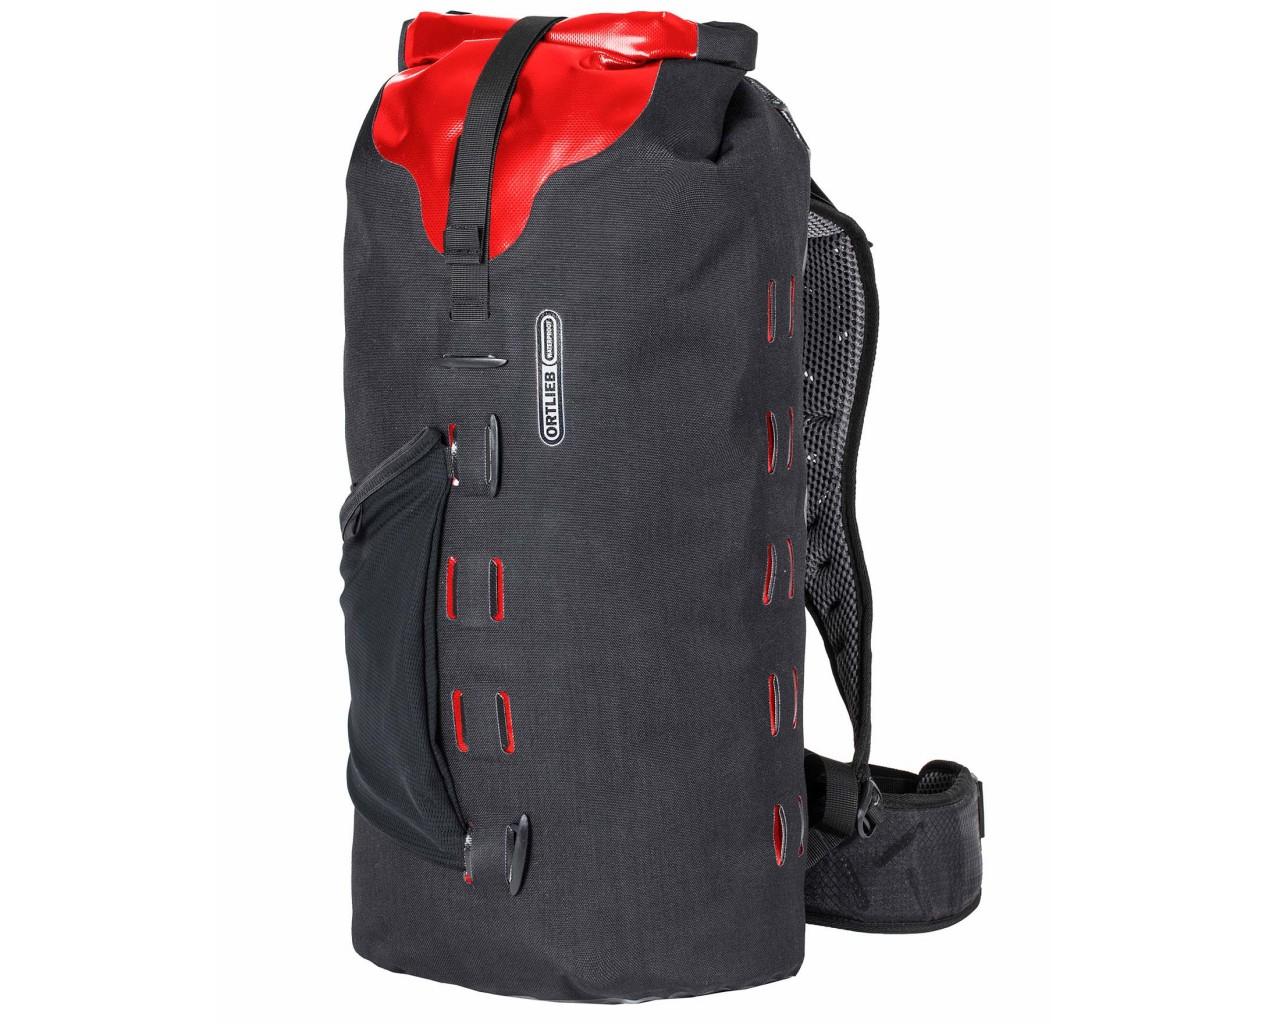 Ortlieb Gear-Pack 25 liter waterproof dry bag/backpack | black-red